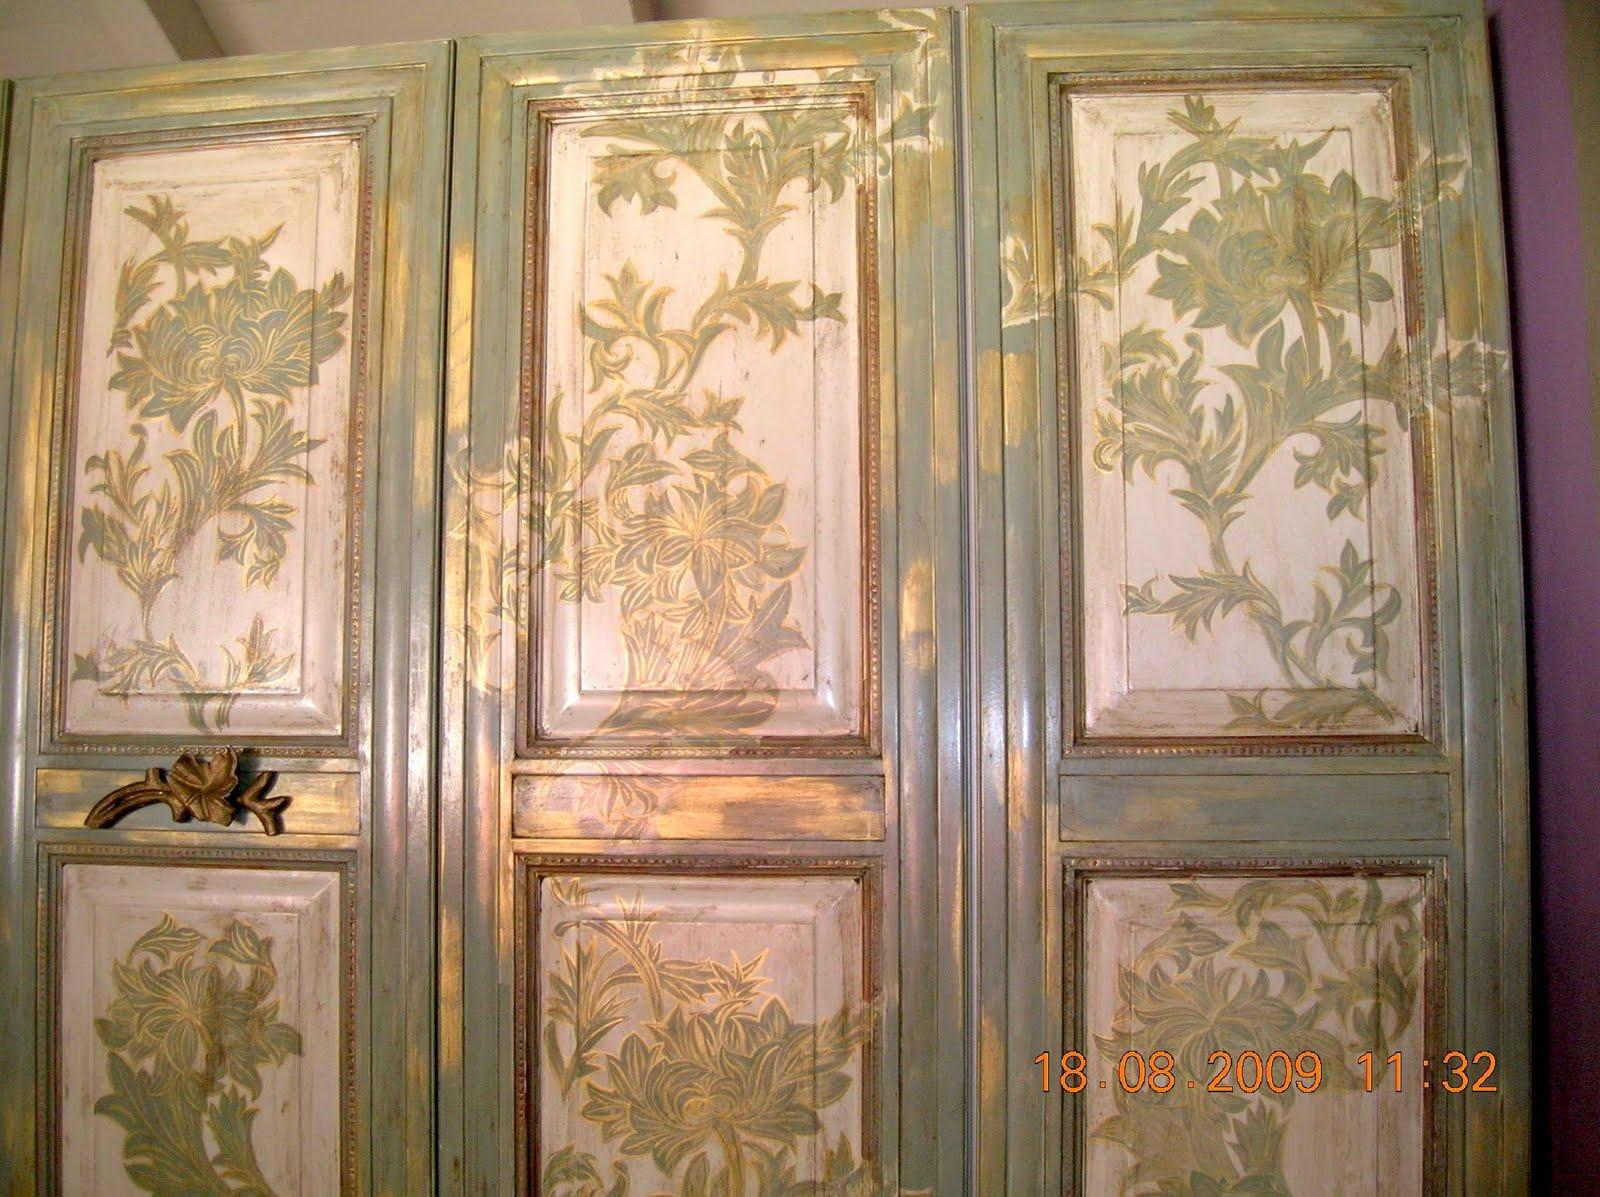 Decorazioni in legno per mobili decorare la tua casa - Decorazioni in legno per mobili ...